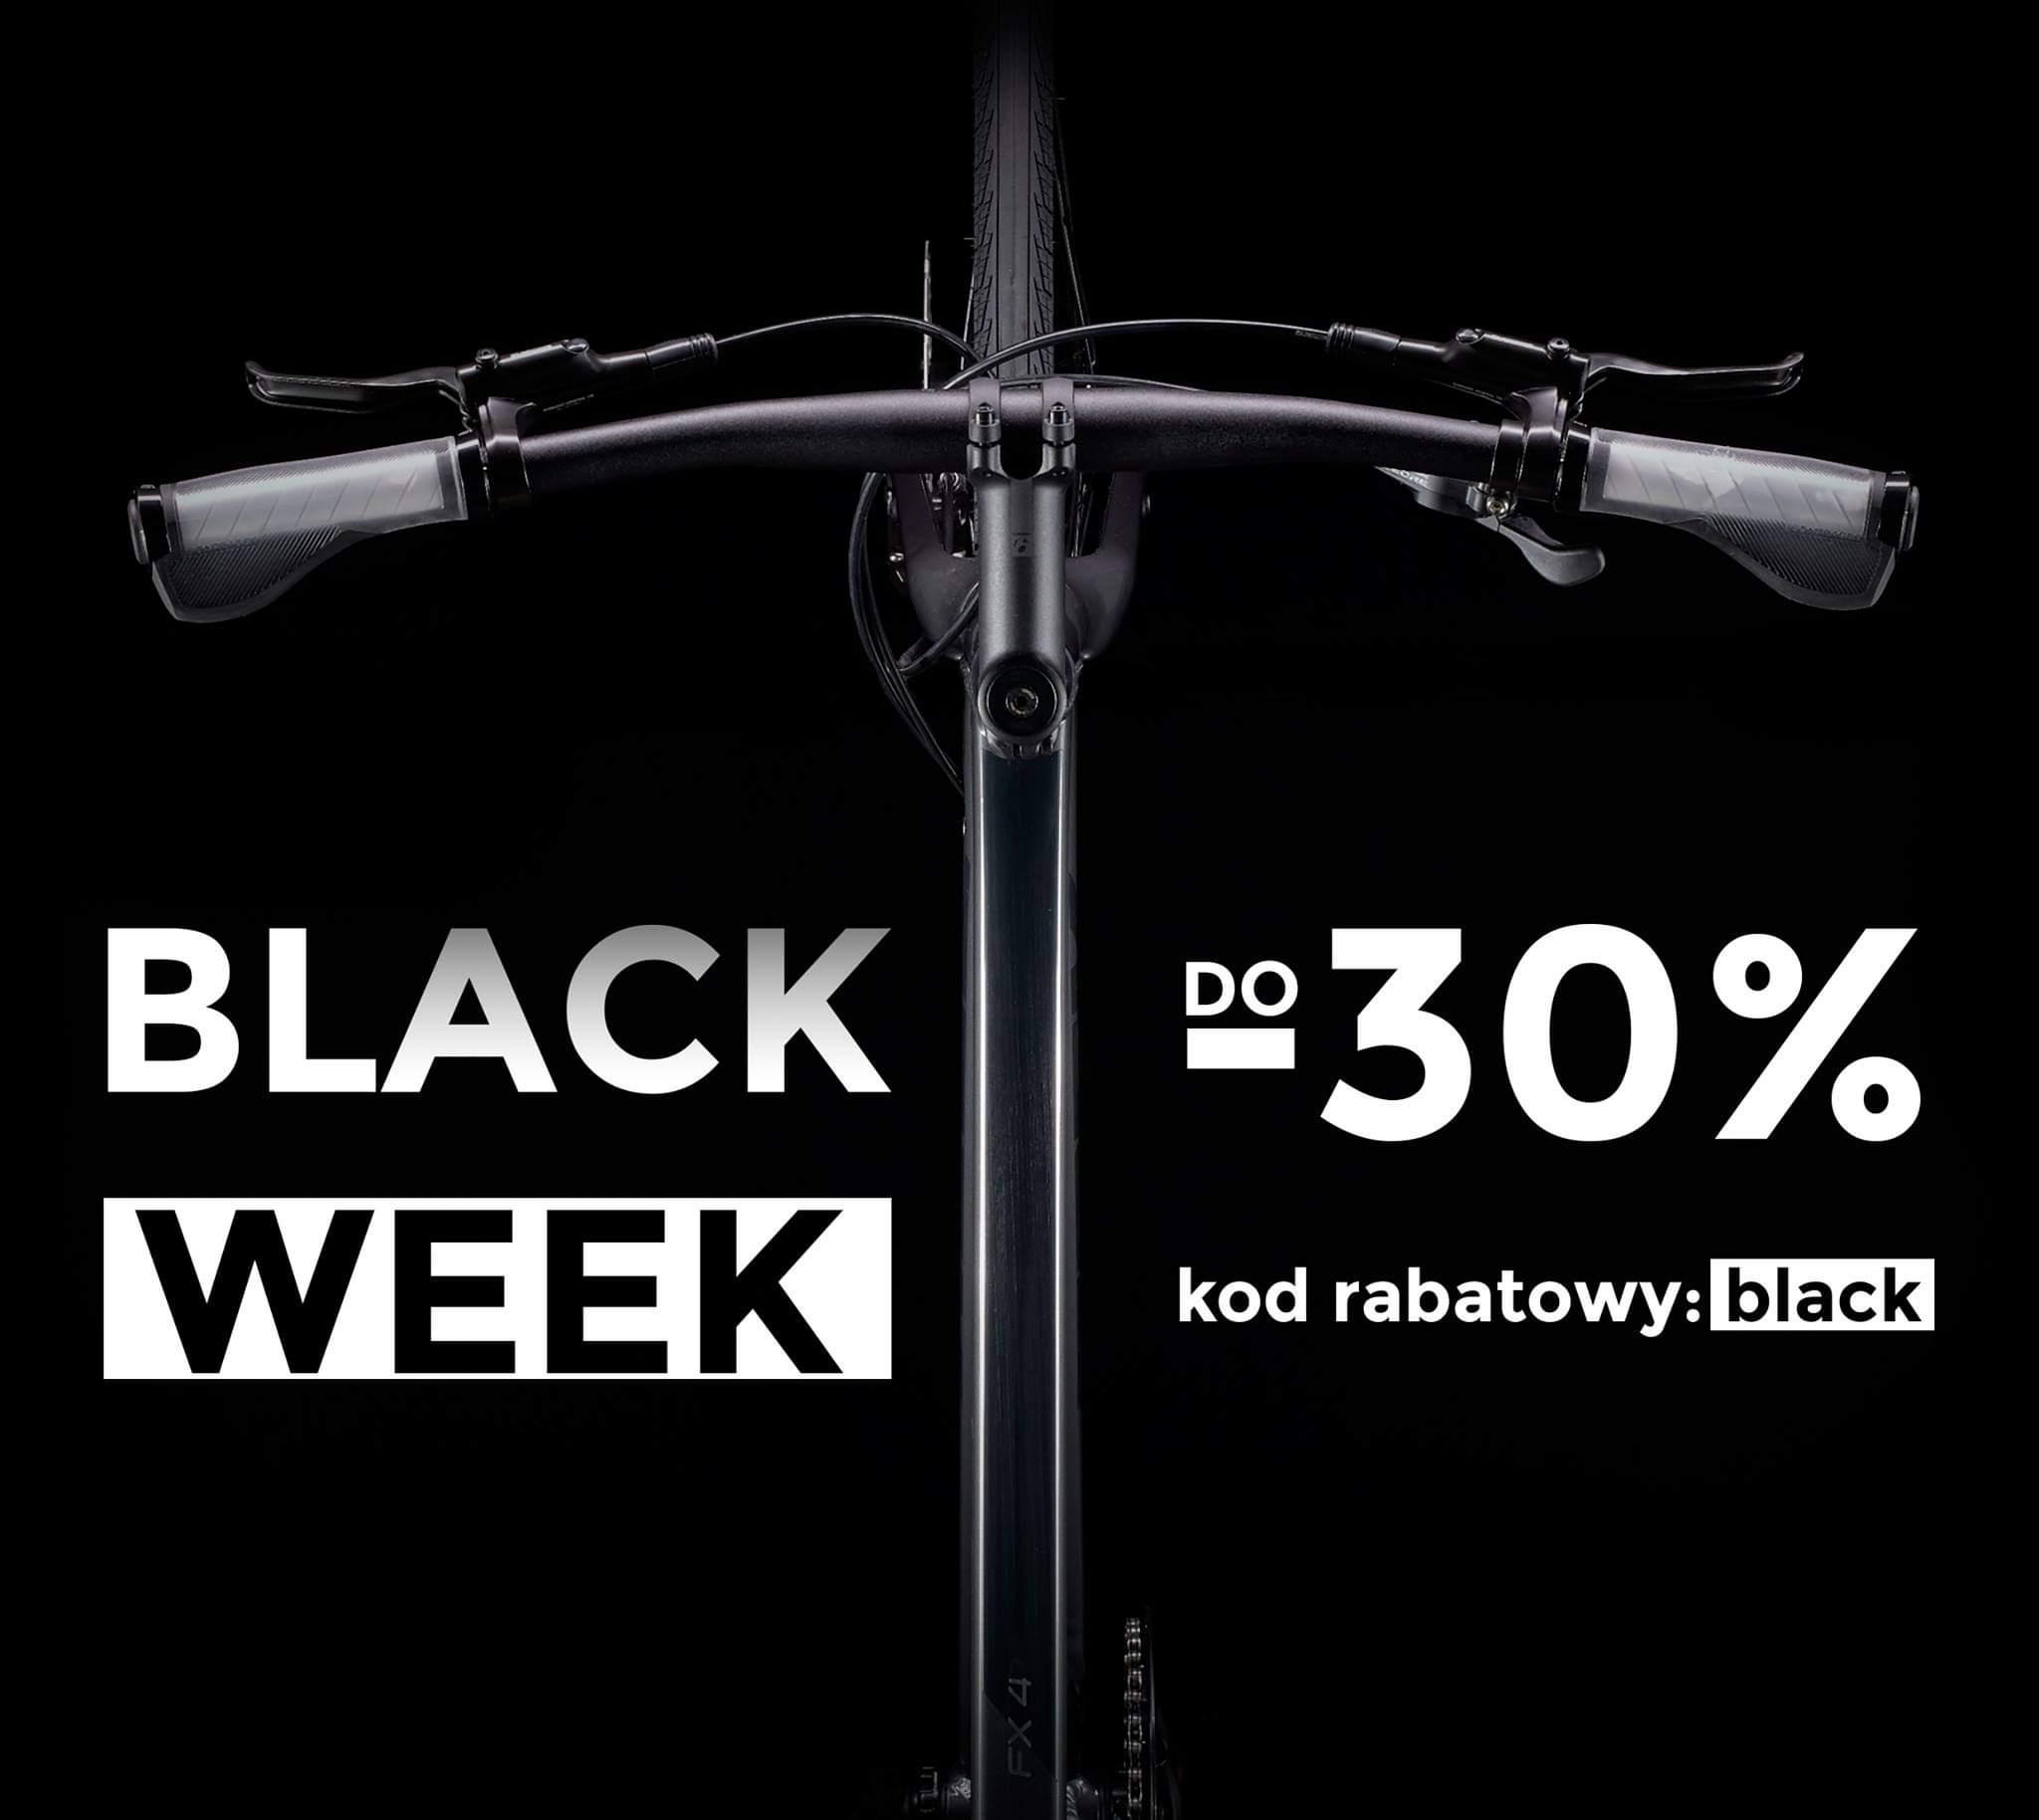 Asortyment rowerowy w PM Bike DO 30% taniej z okazji Black Friday